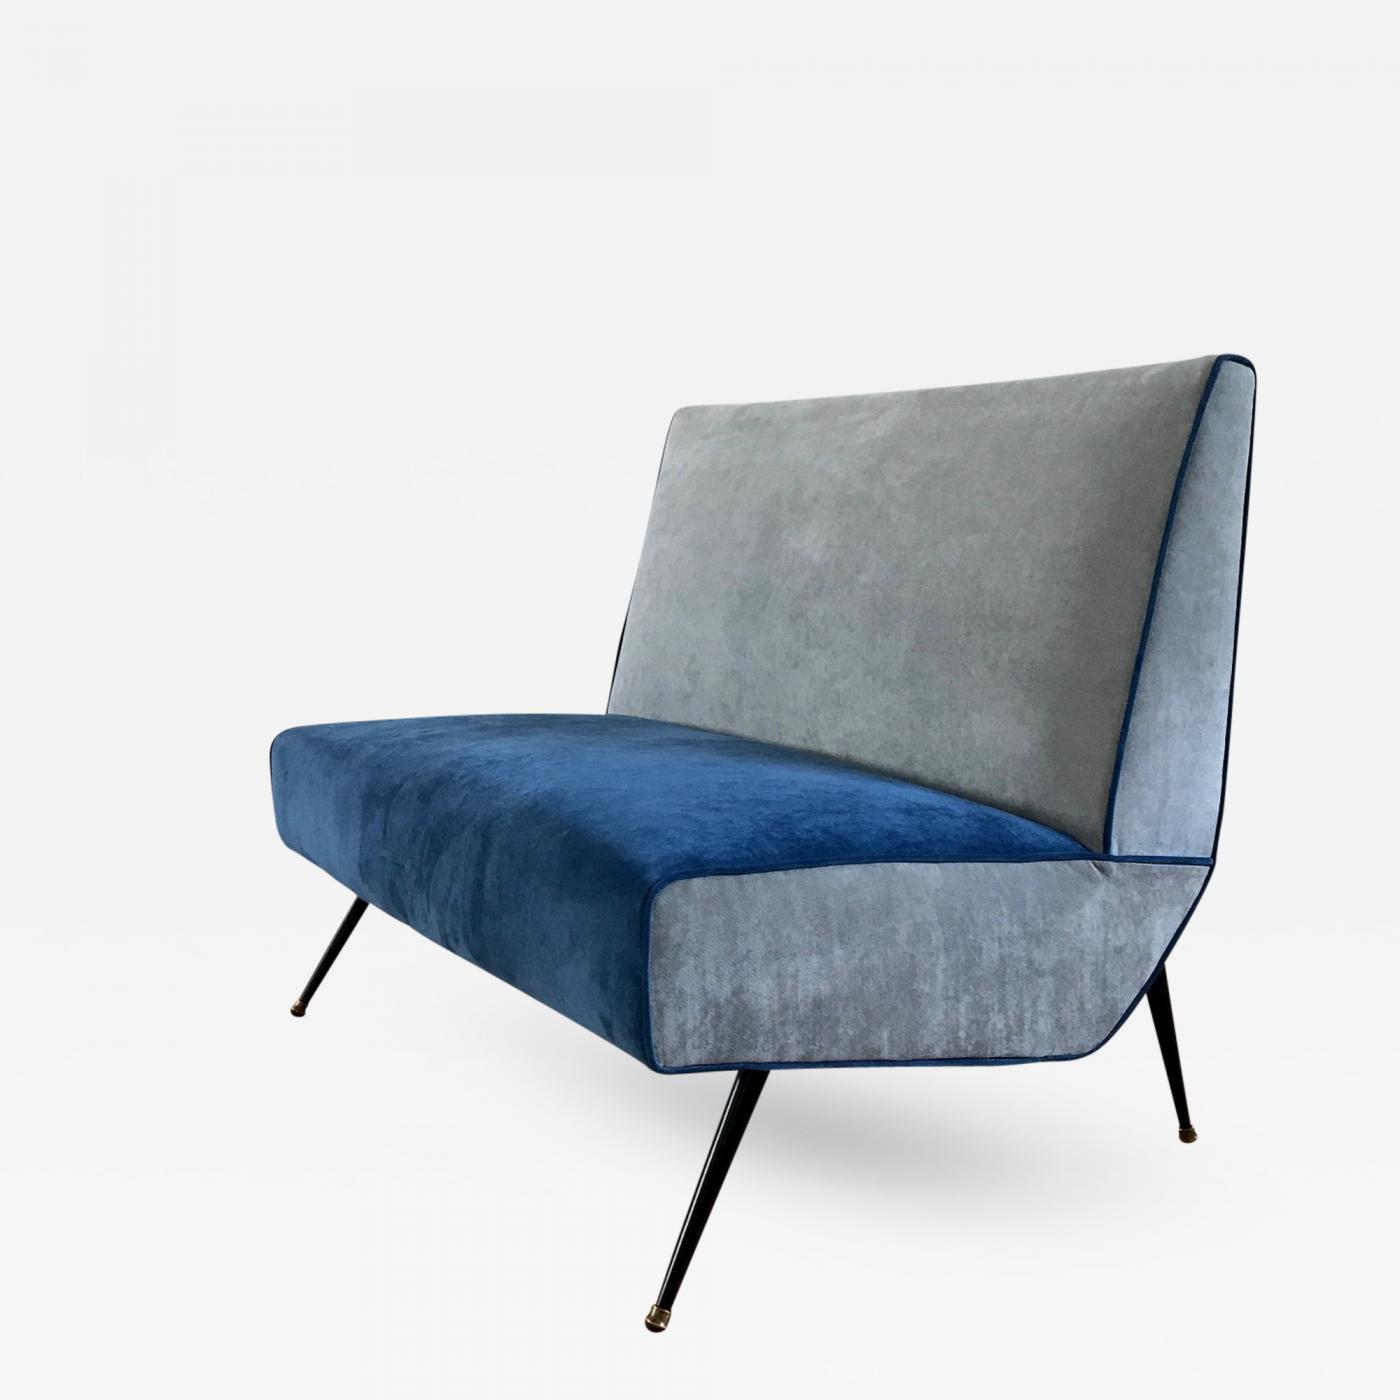 1950s Small Italian Bench-Sofa